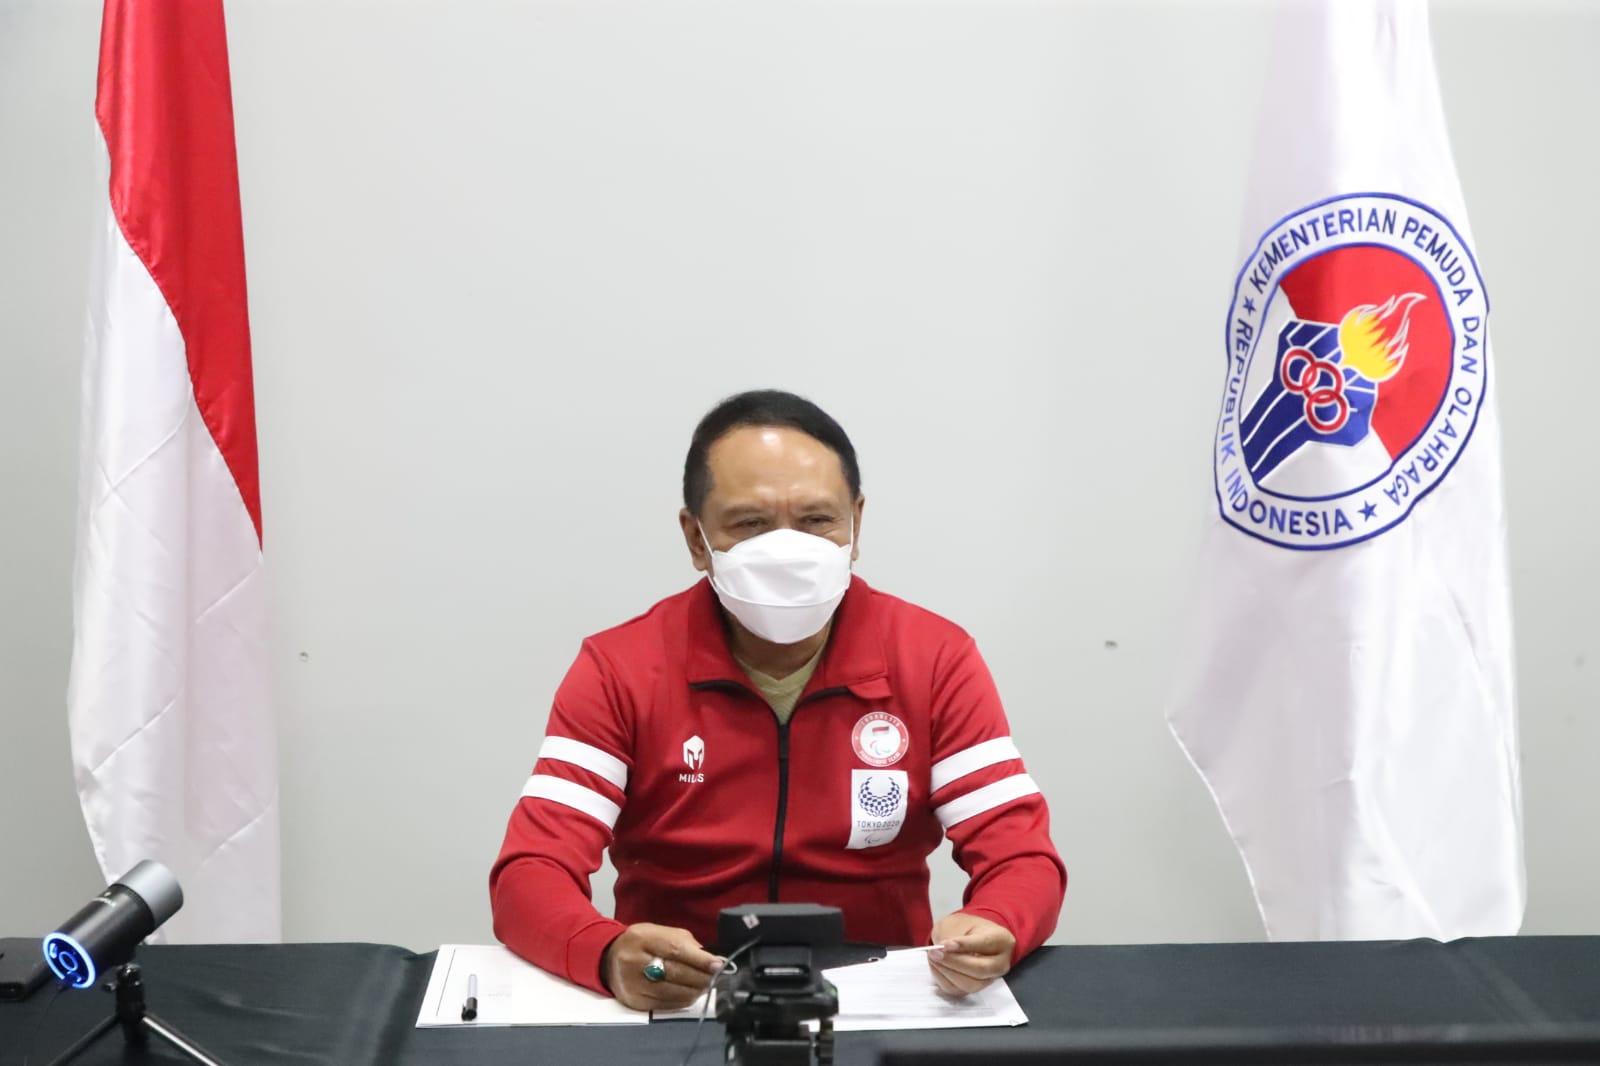 Pelatih dan Atlet Paralimpiade Apresiasi Dukungan Presiden Jokowi dan Menpora Amali Terhadap Atlet Difabel